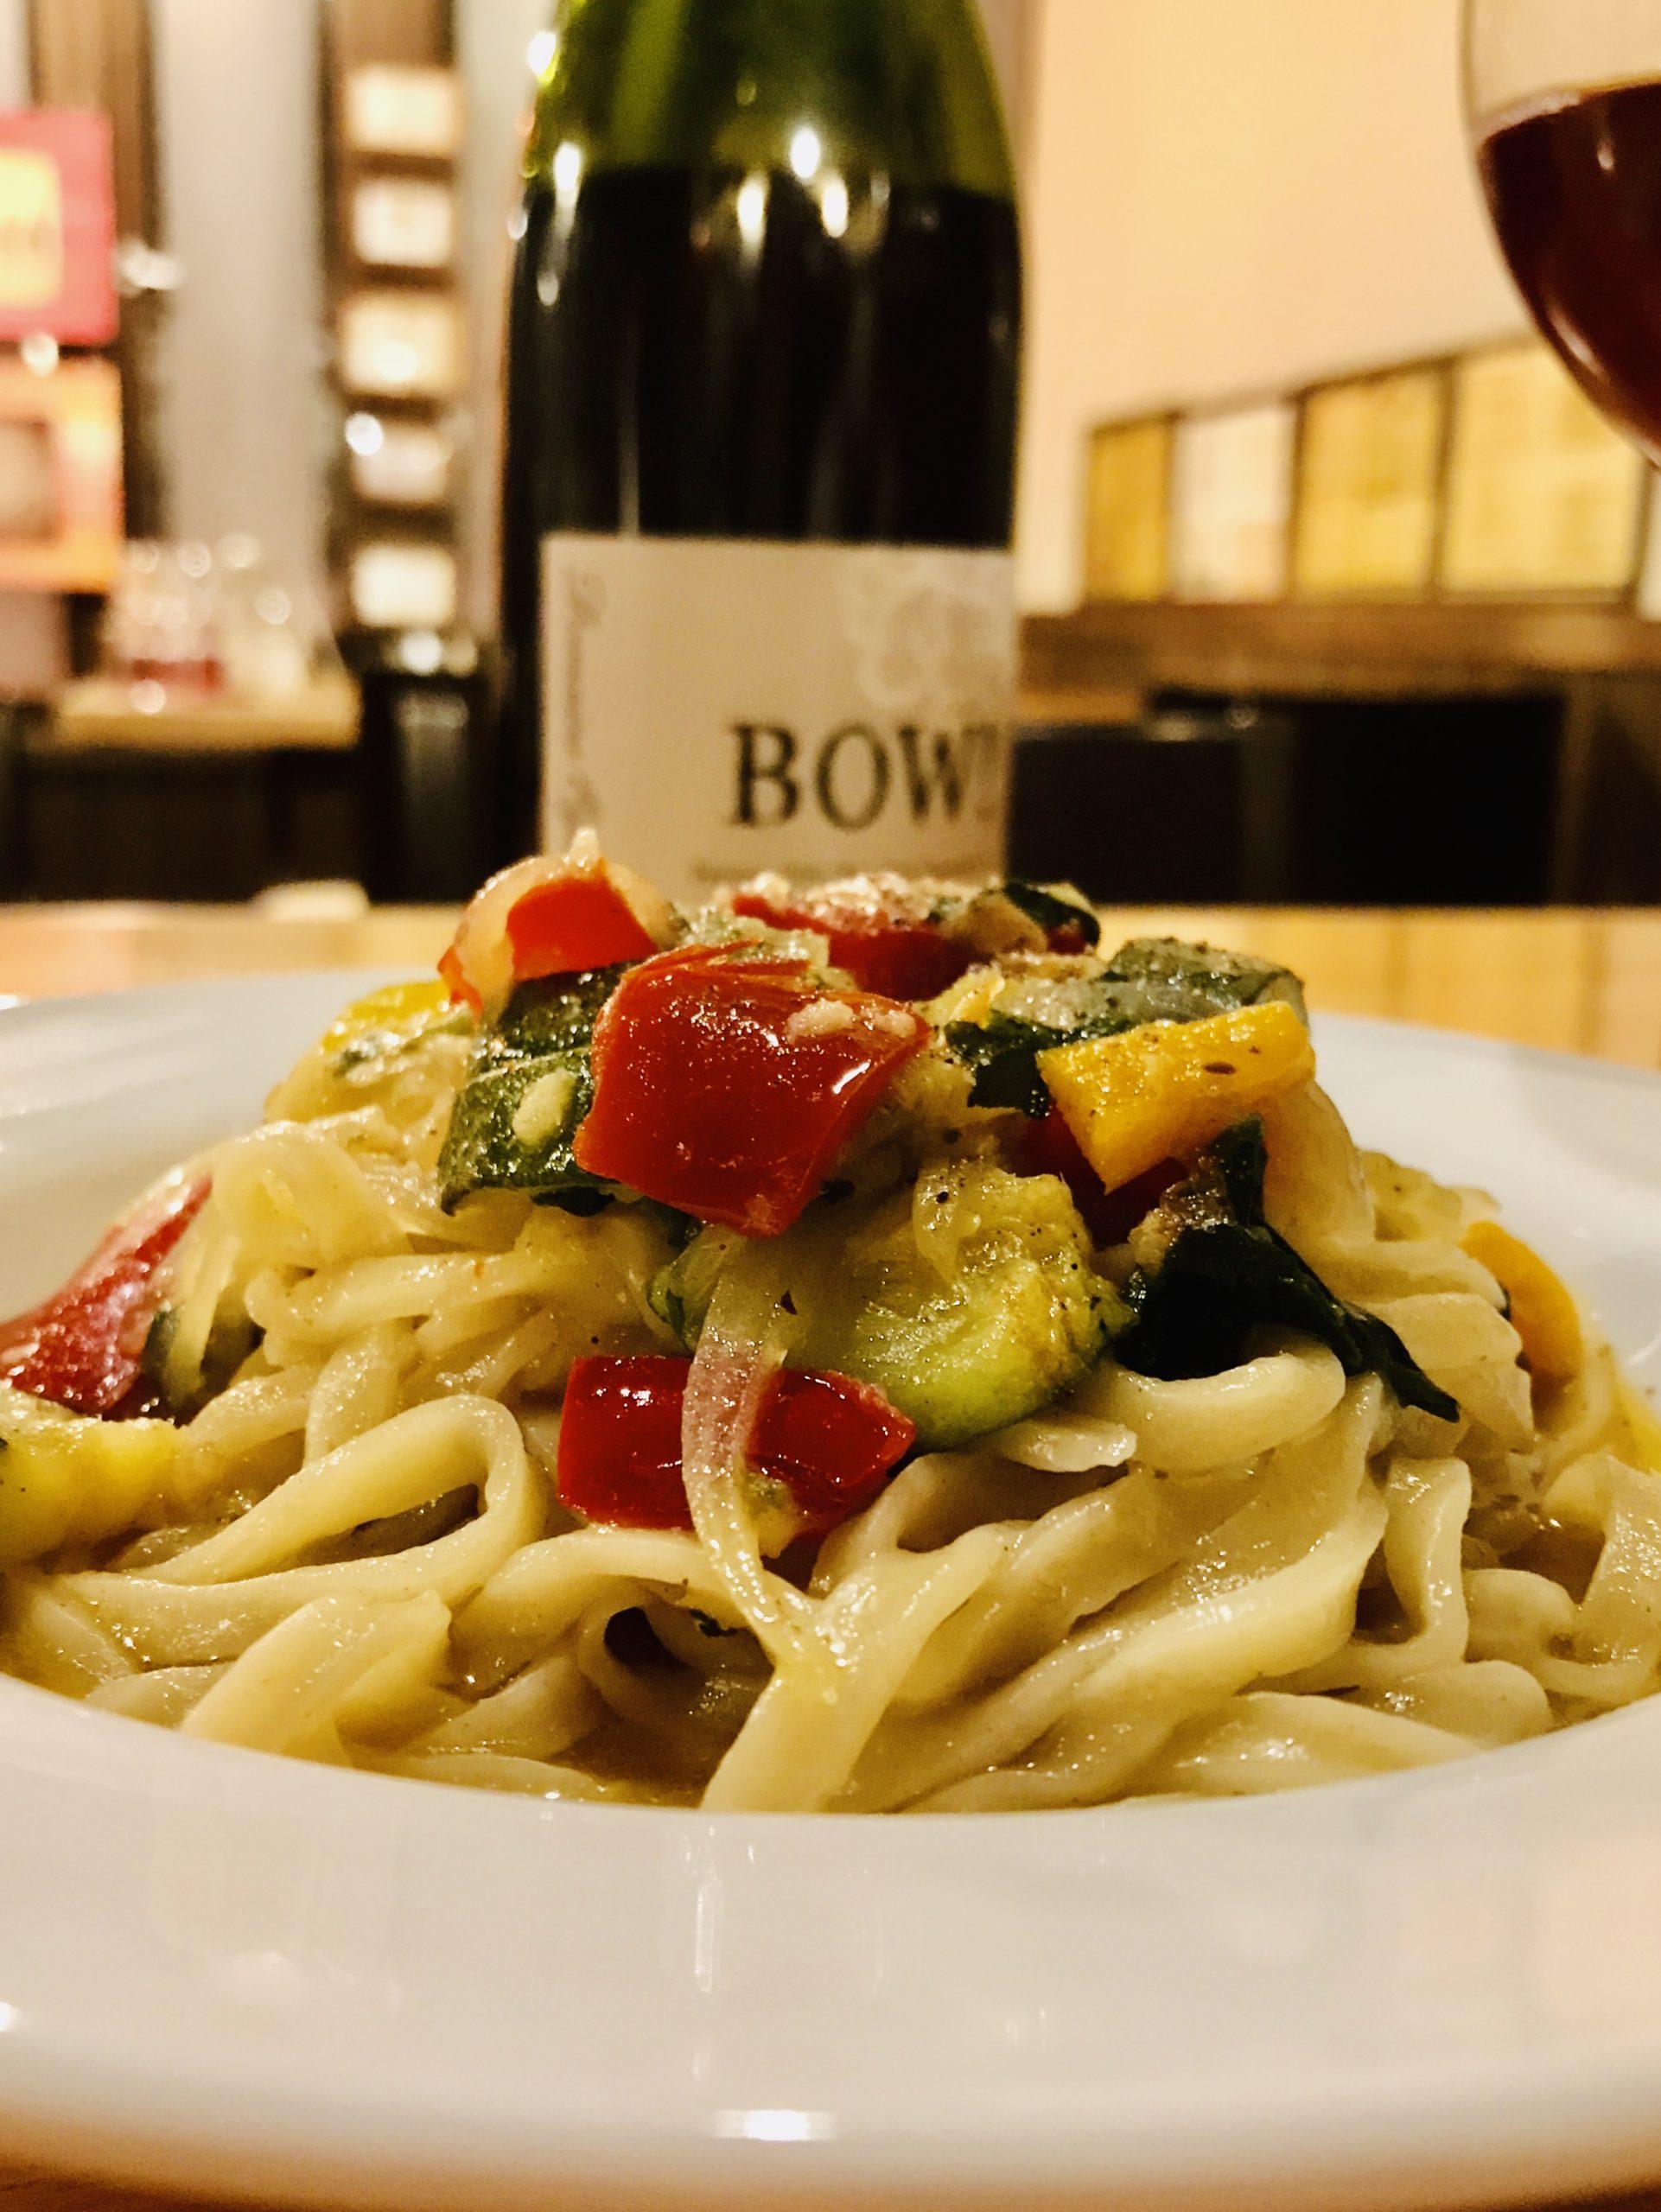 今宵のディナーはパスタ&ワインで豪華に!札幌の人気のイタリアンをご紹介